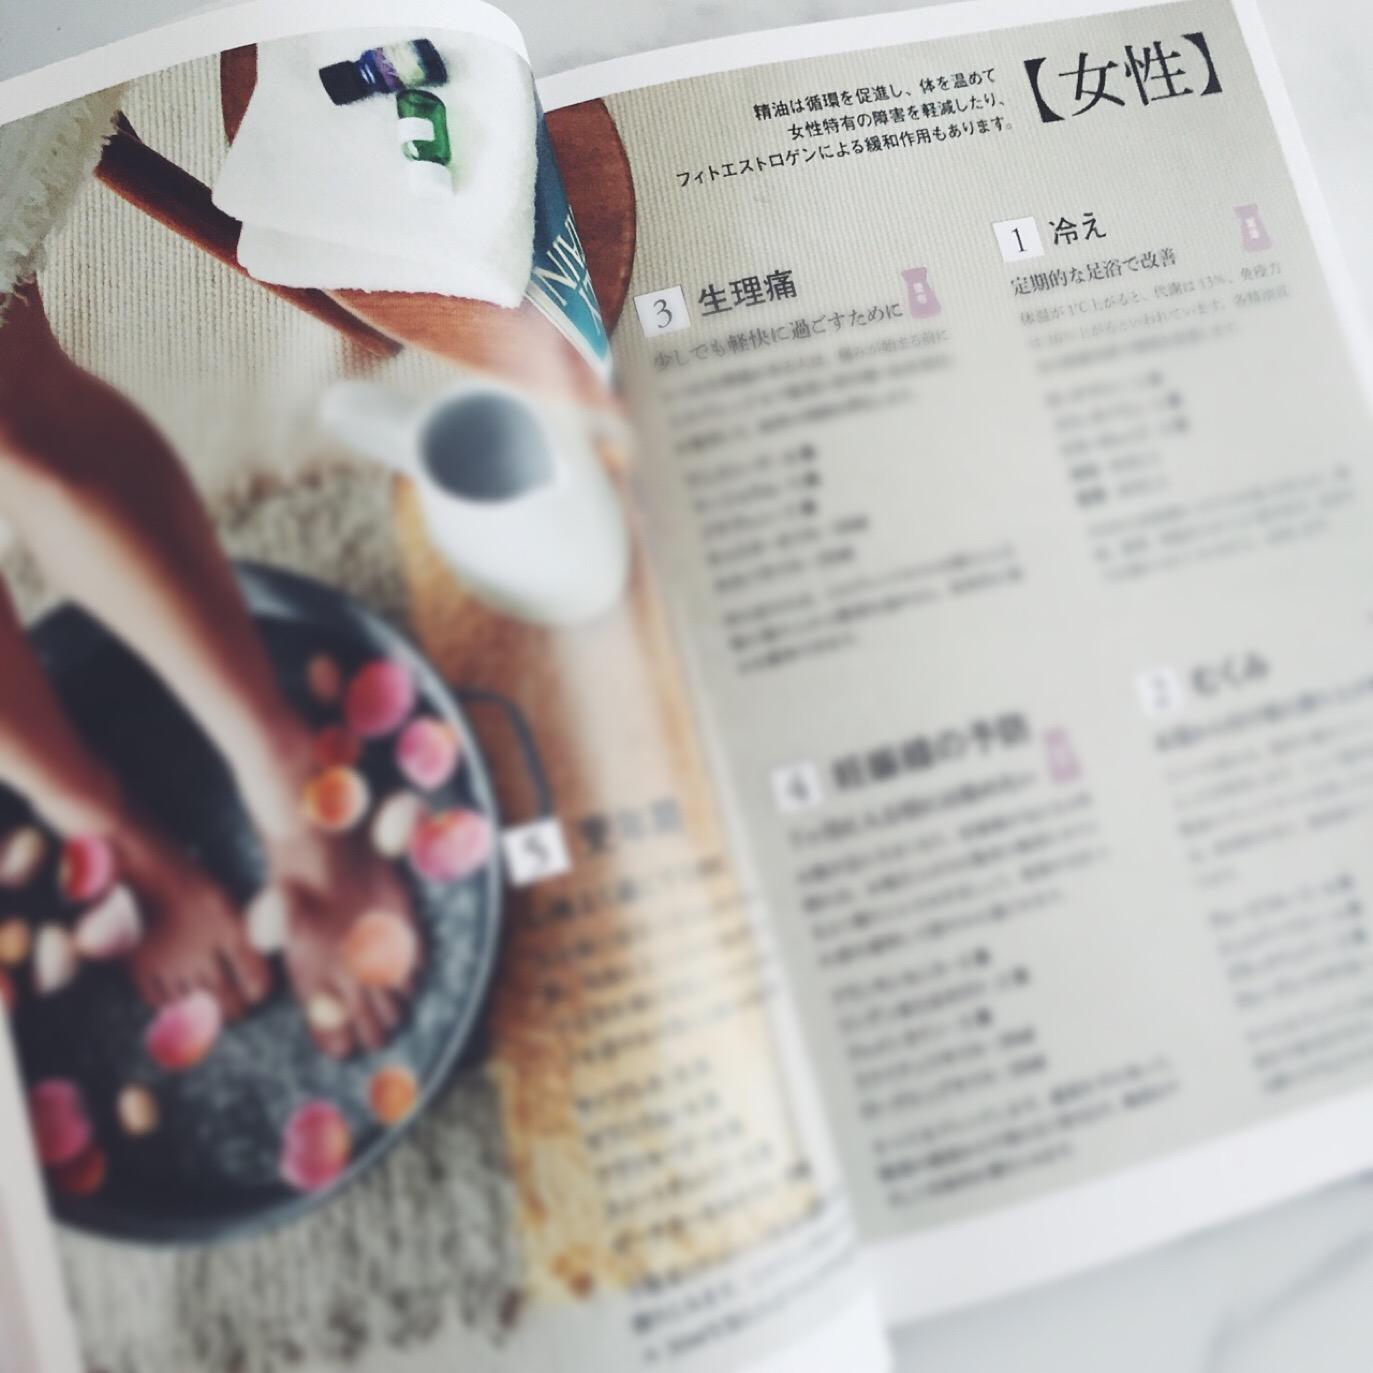 アロマテラピー精油事典 バーグ文子